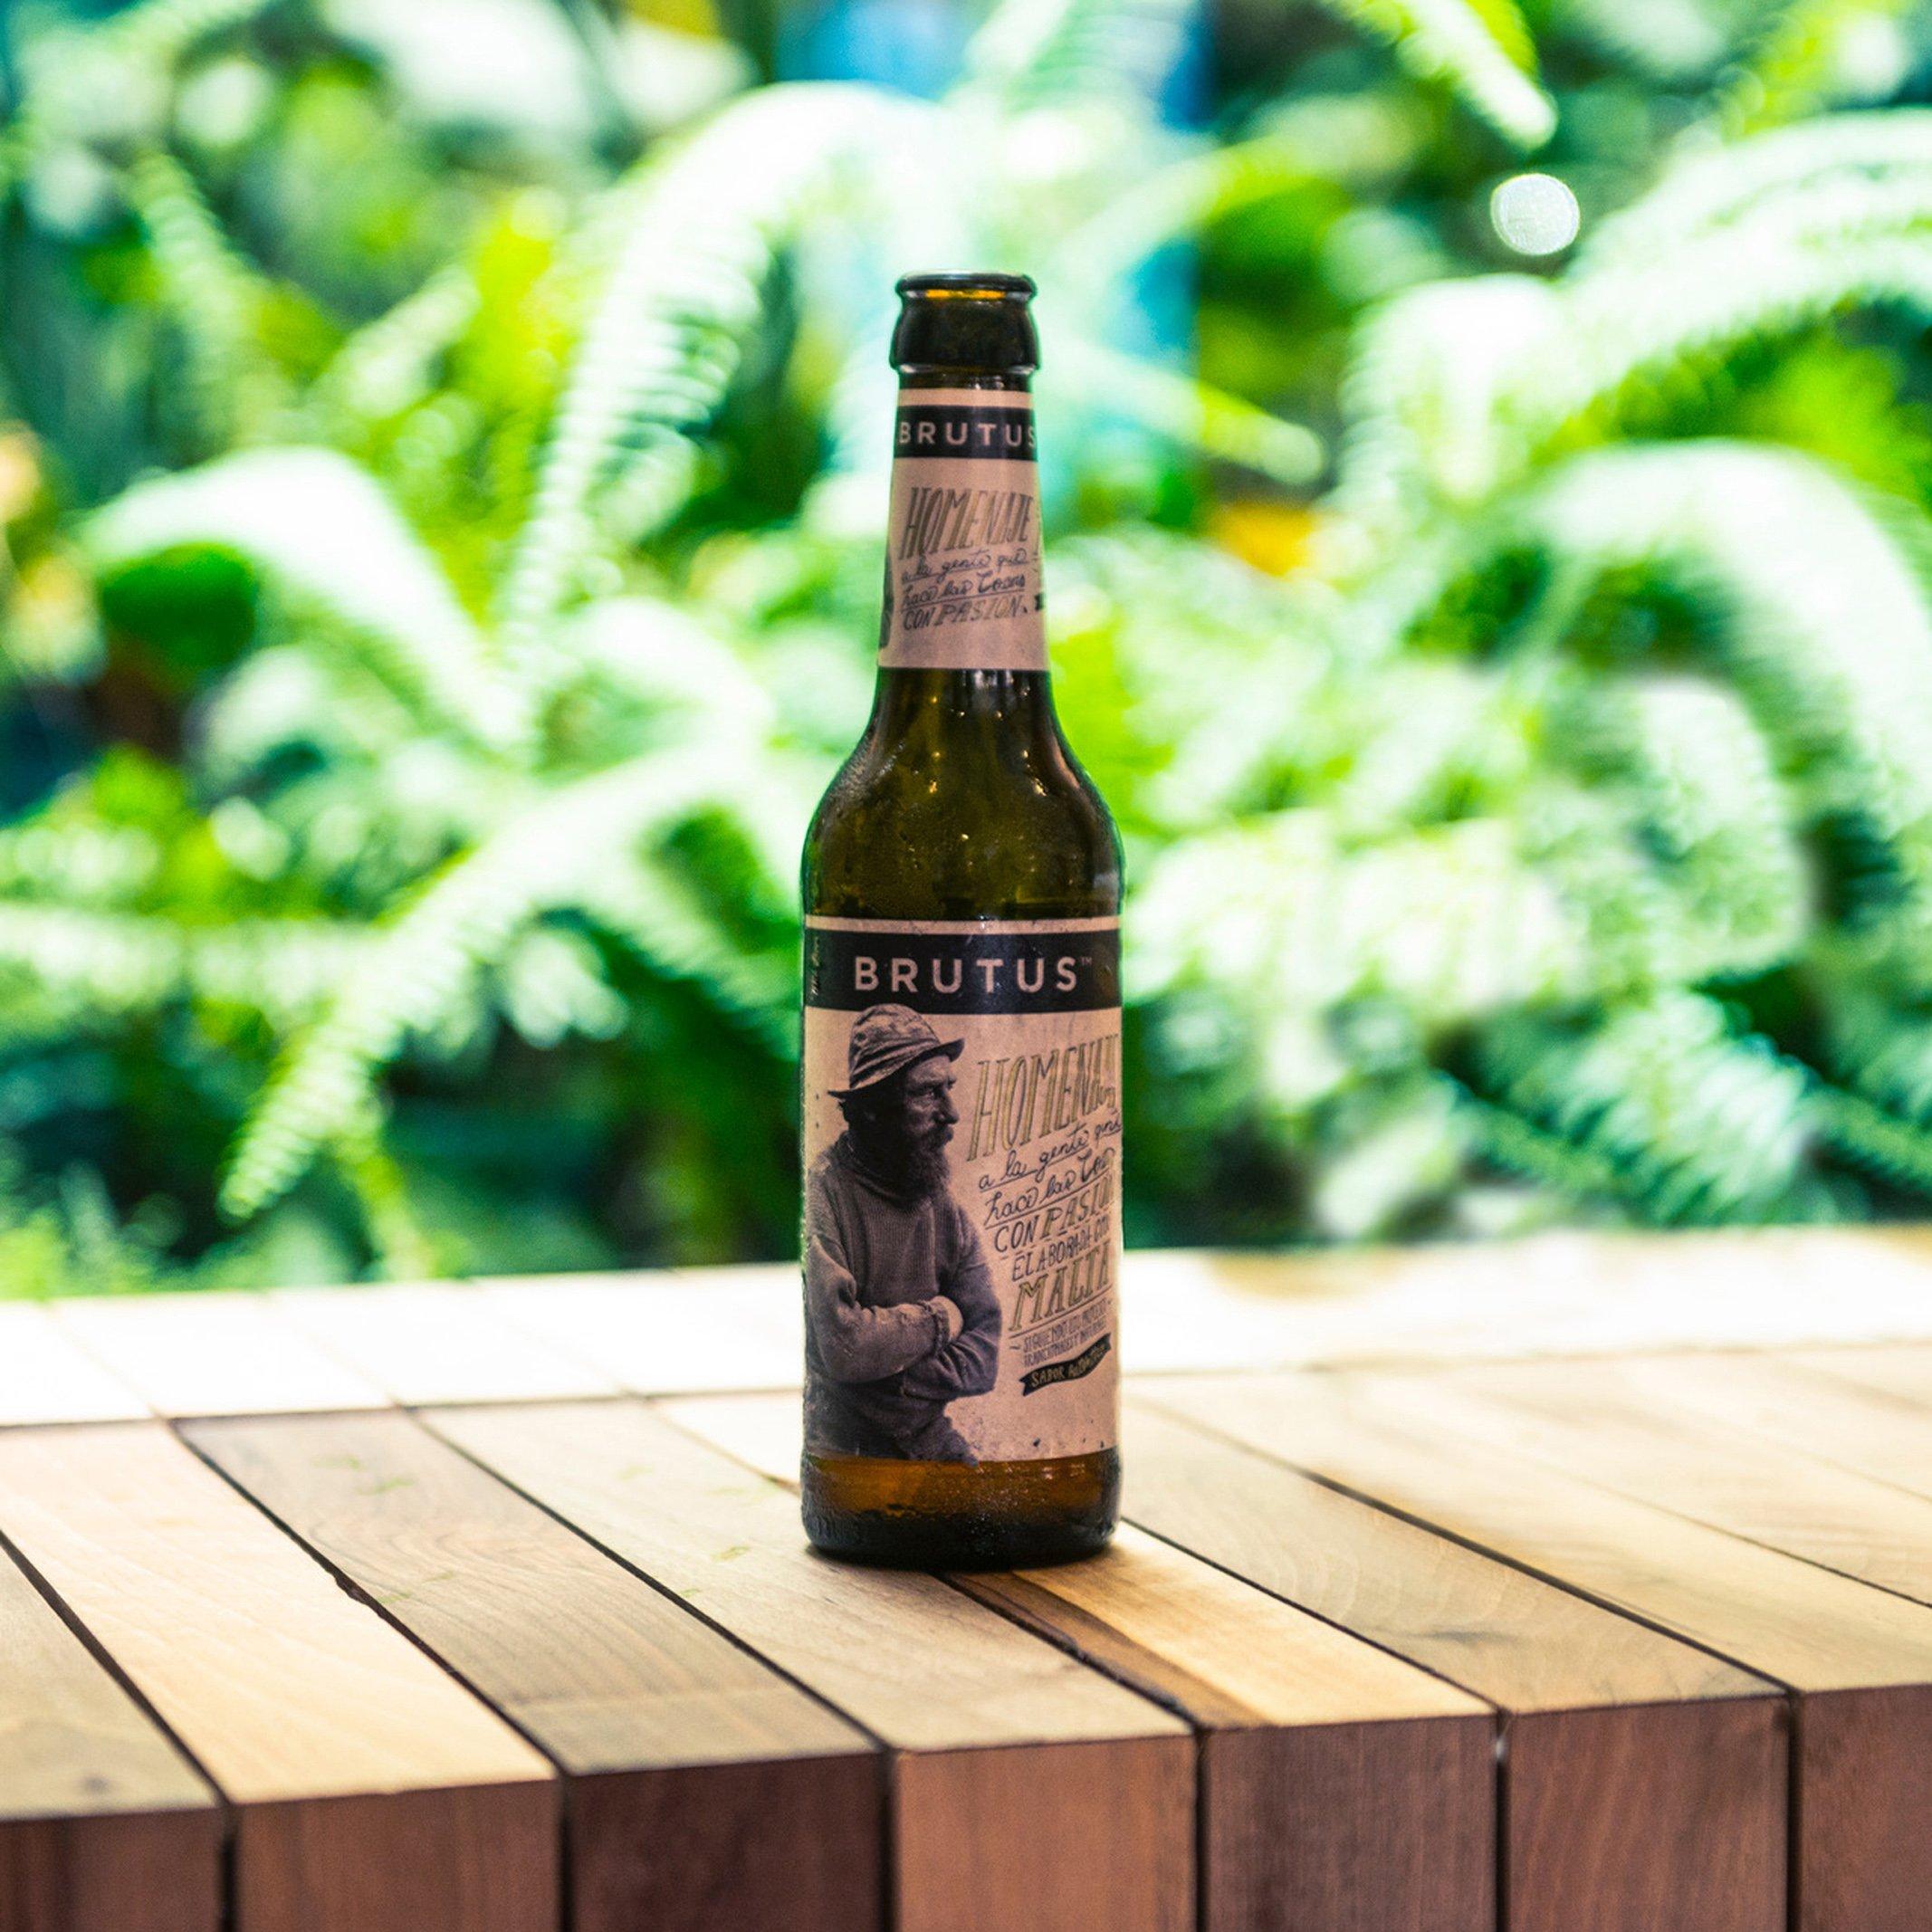 Regala Brutus The Beer, la cerveza artesana que le sorprenderá